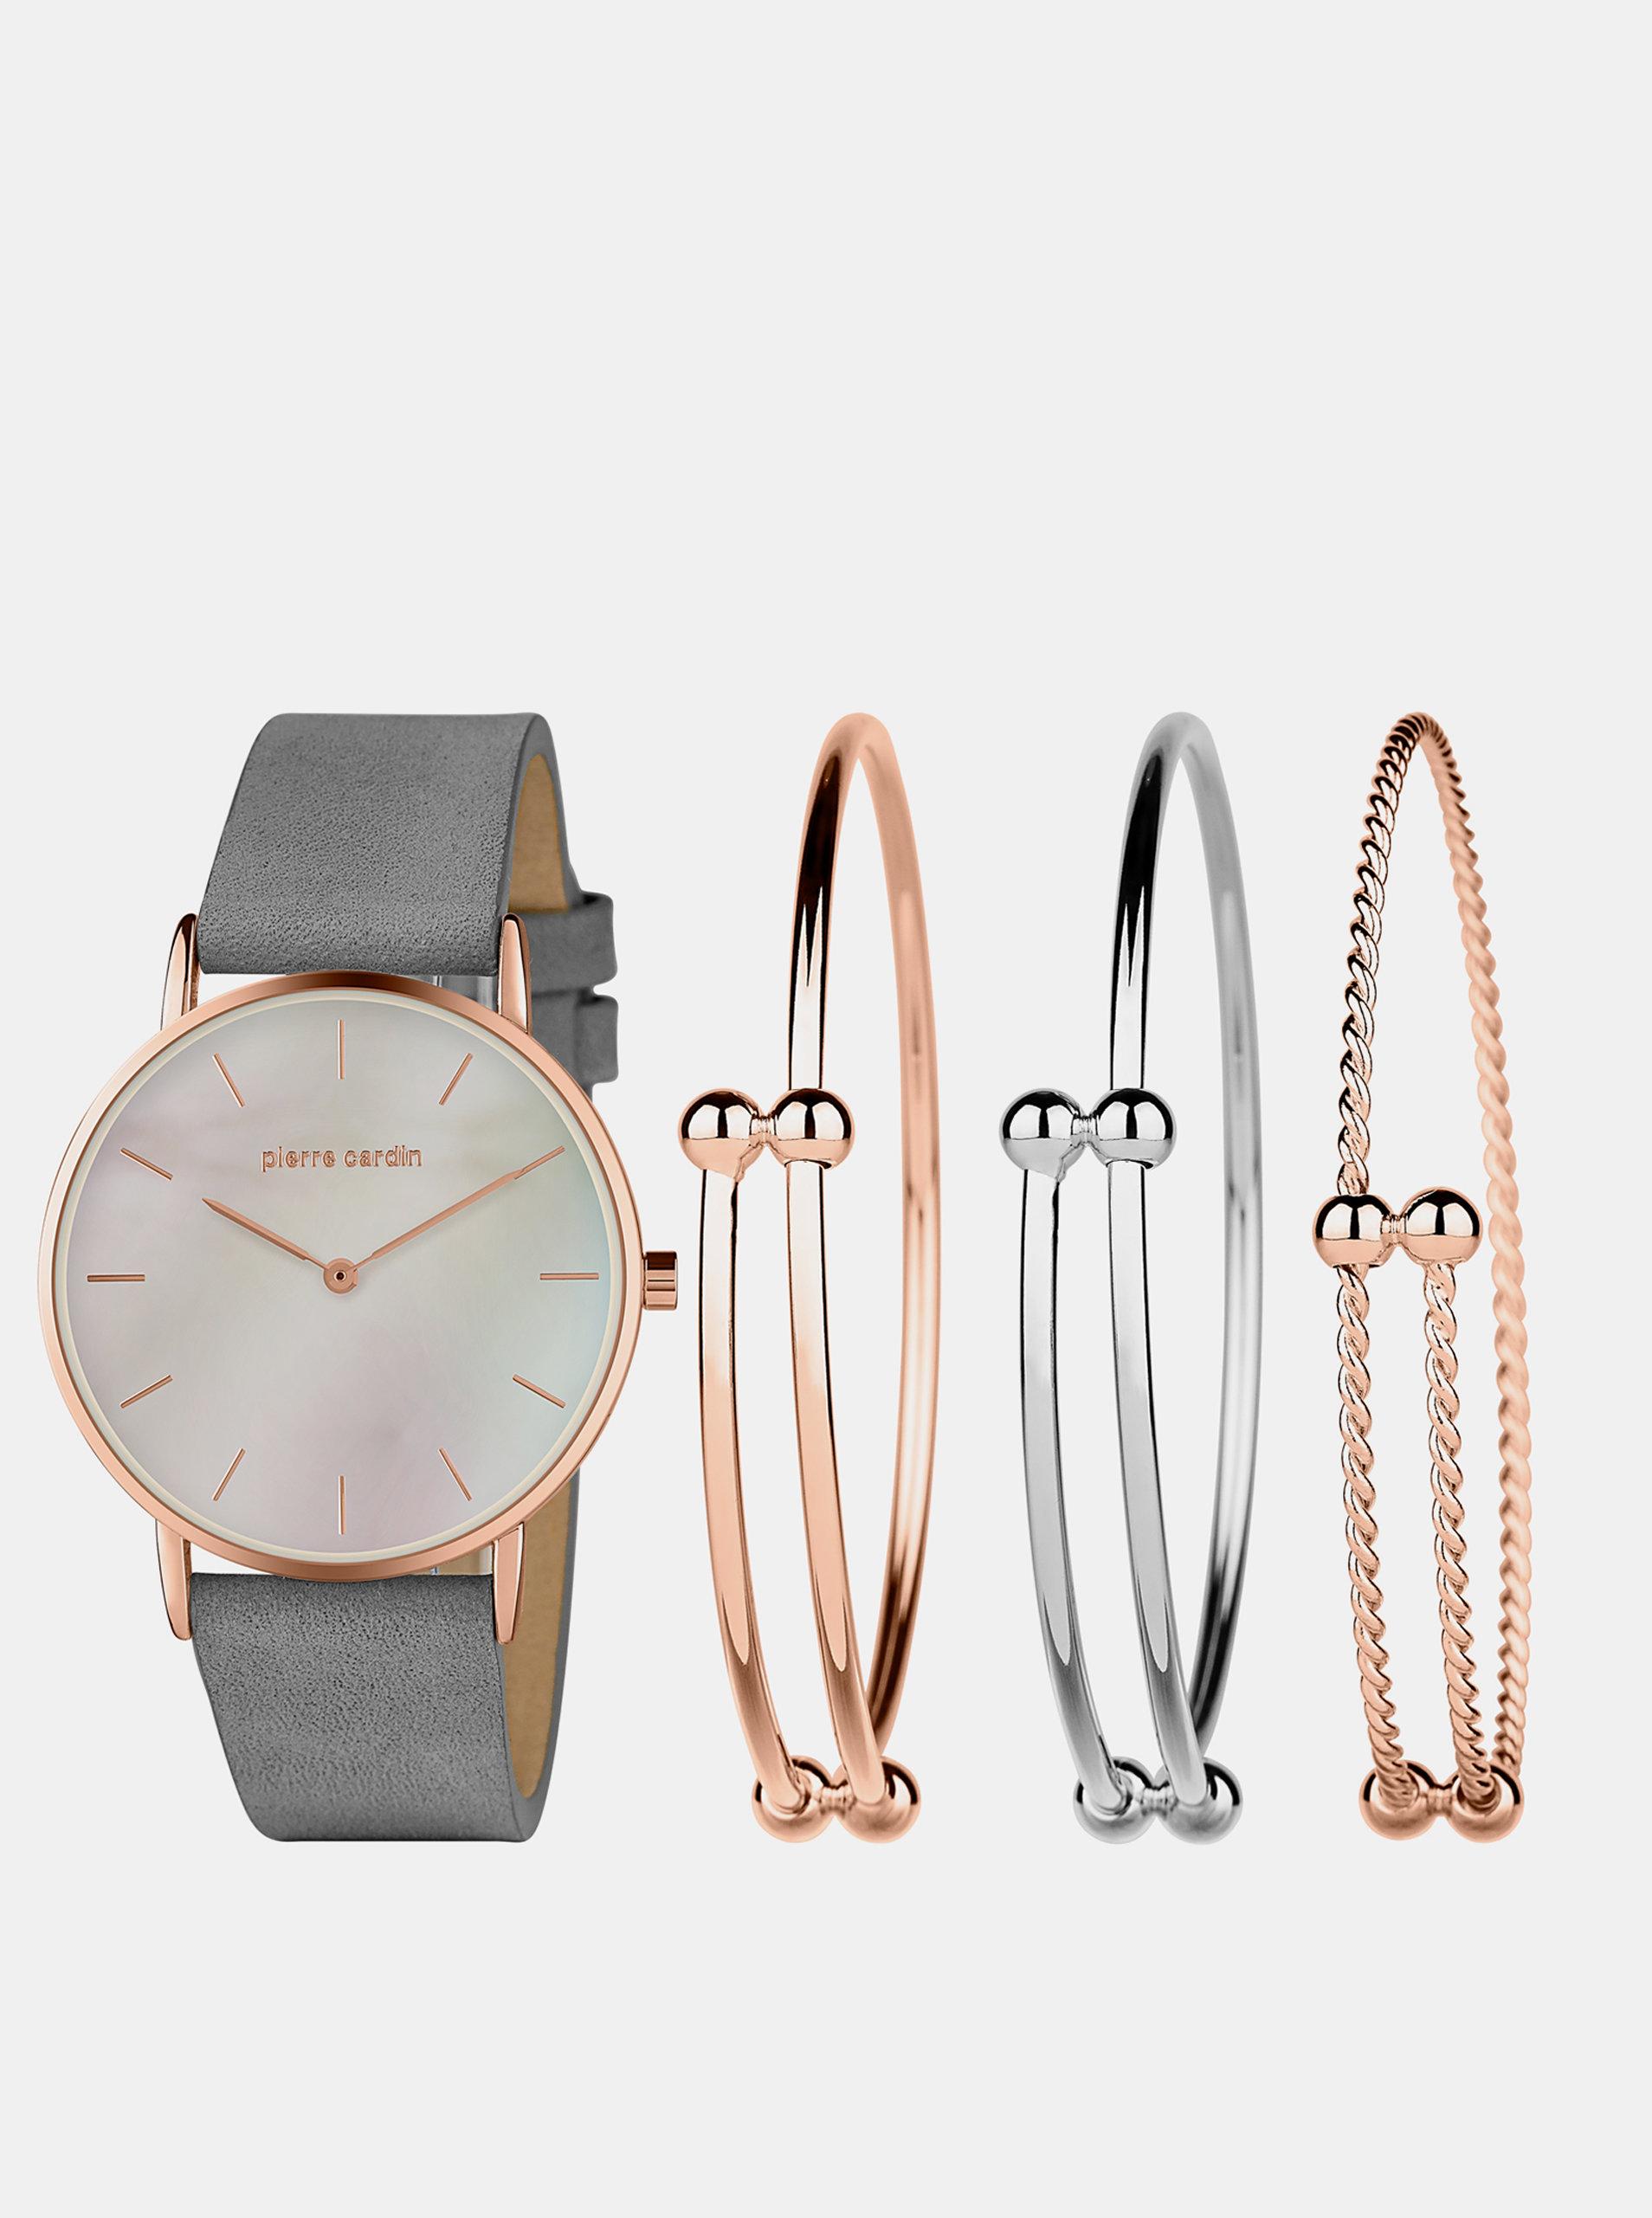 Sada dámských hodinek s koženým páskem a tří náramků ve stříbrné a růžovozlaté barvě Pierre Cardin